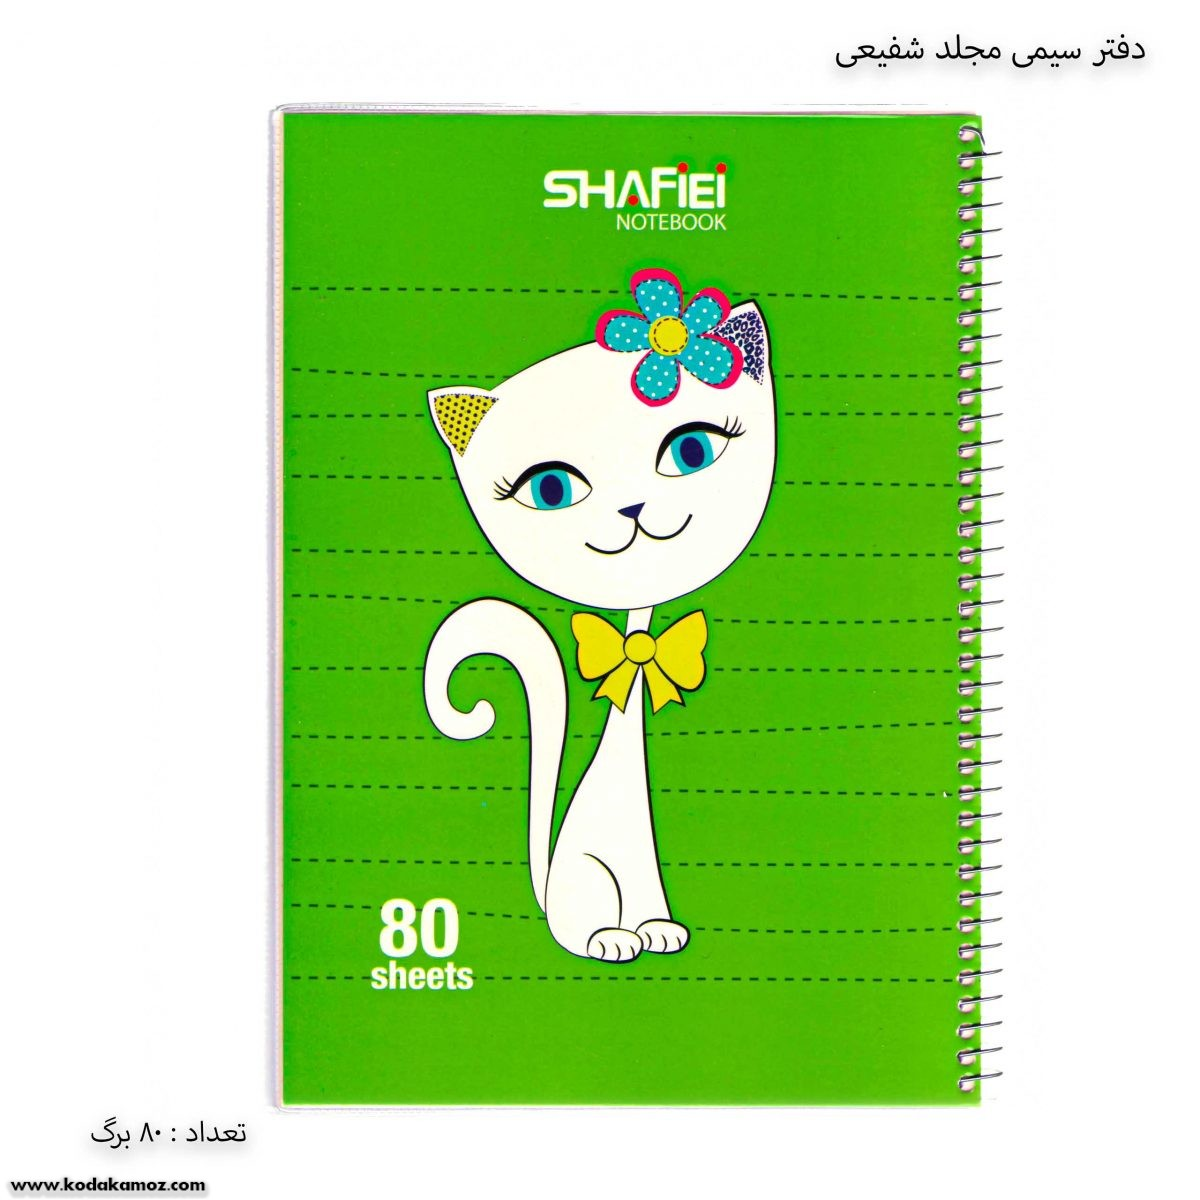 دفتر 80 سیمی مجلد شفیعی کد 112 طرح گربه سبز